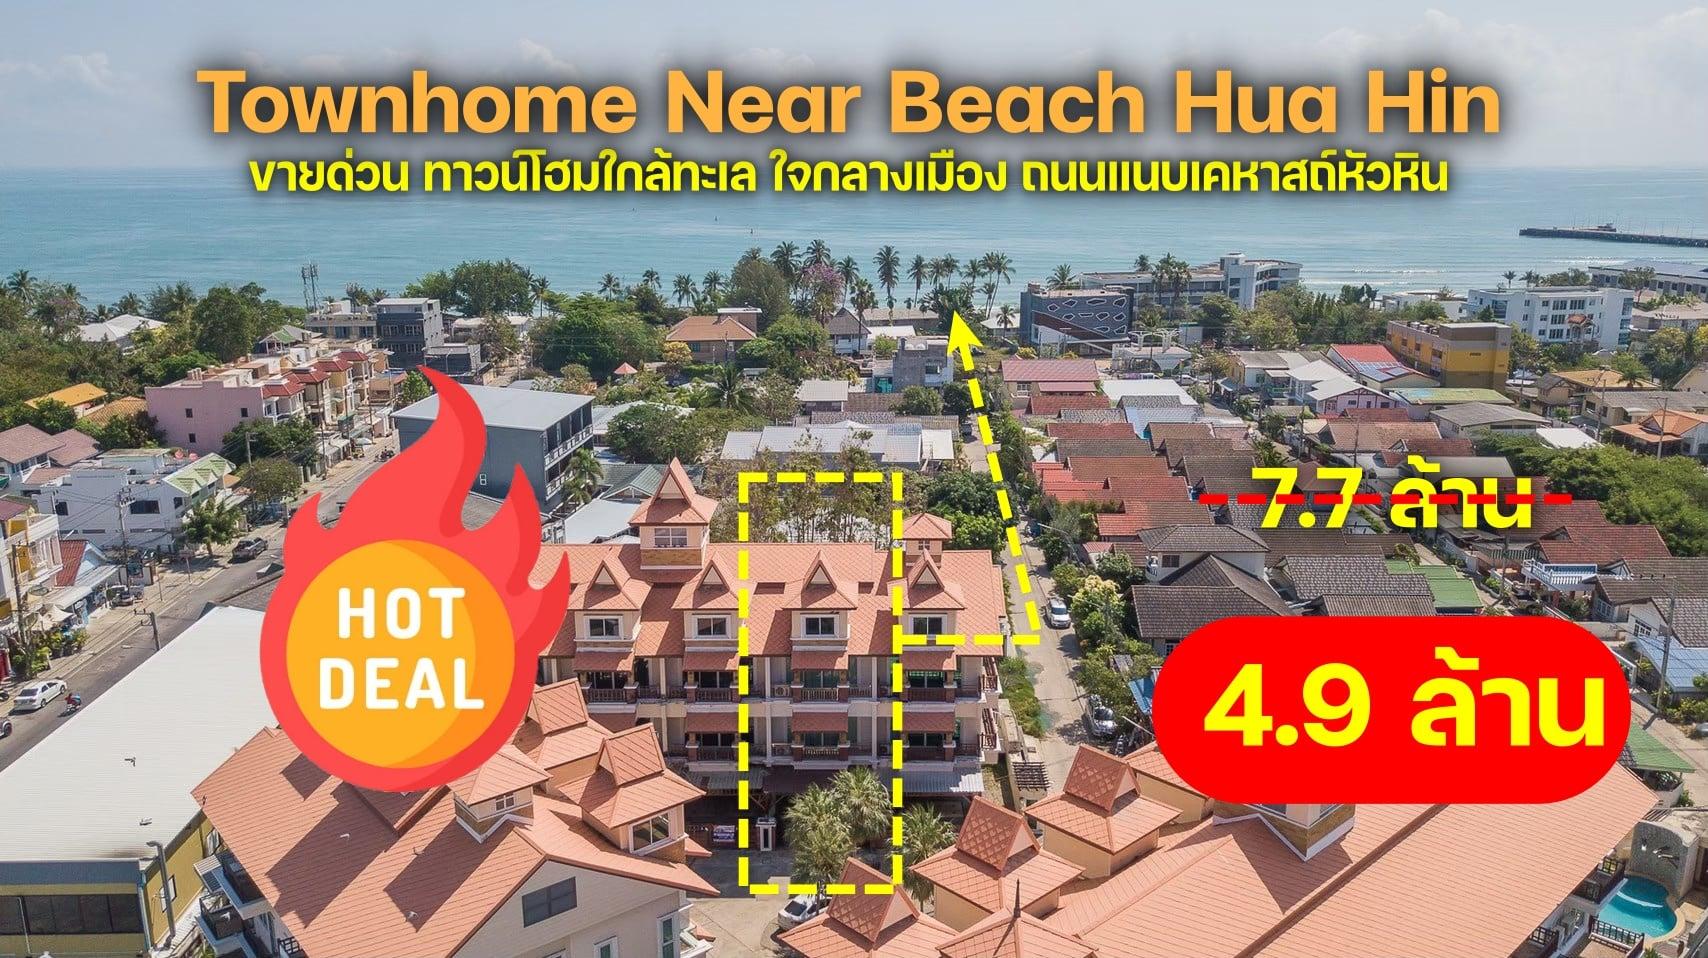 Hot Deal!! ขายด่วน ทาวน์โฮม ใกล้ทะเลแนบเคหาสถ์ หัวหิน Townhome Near Beach Hua Hin